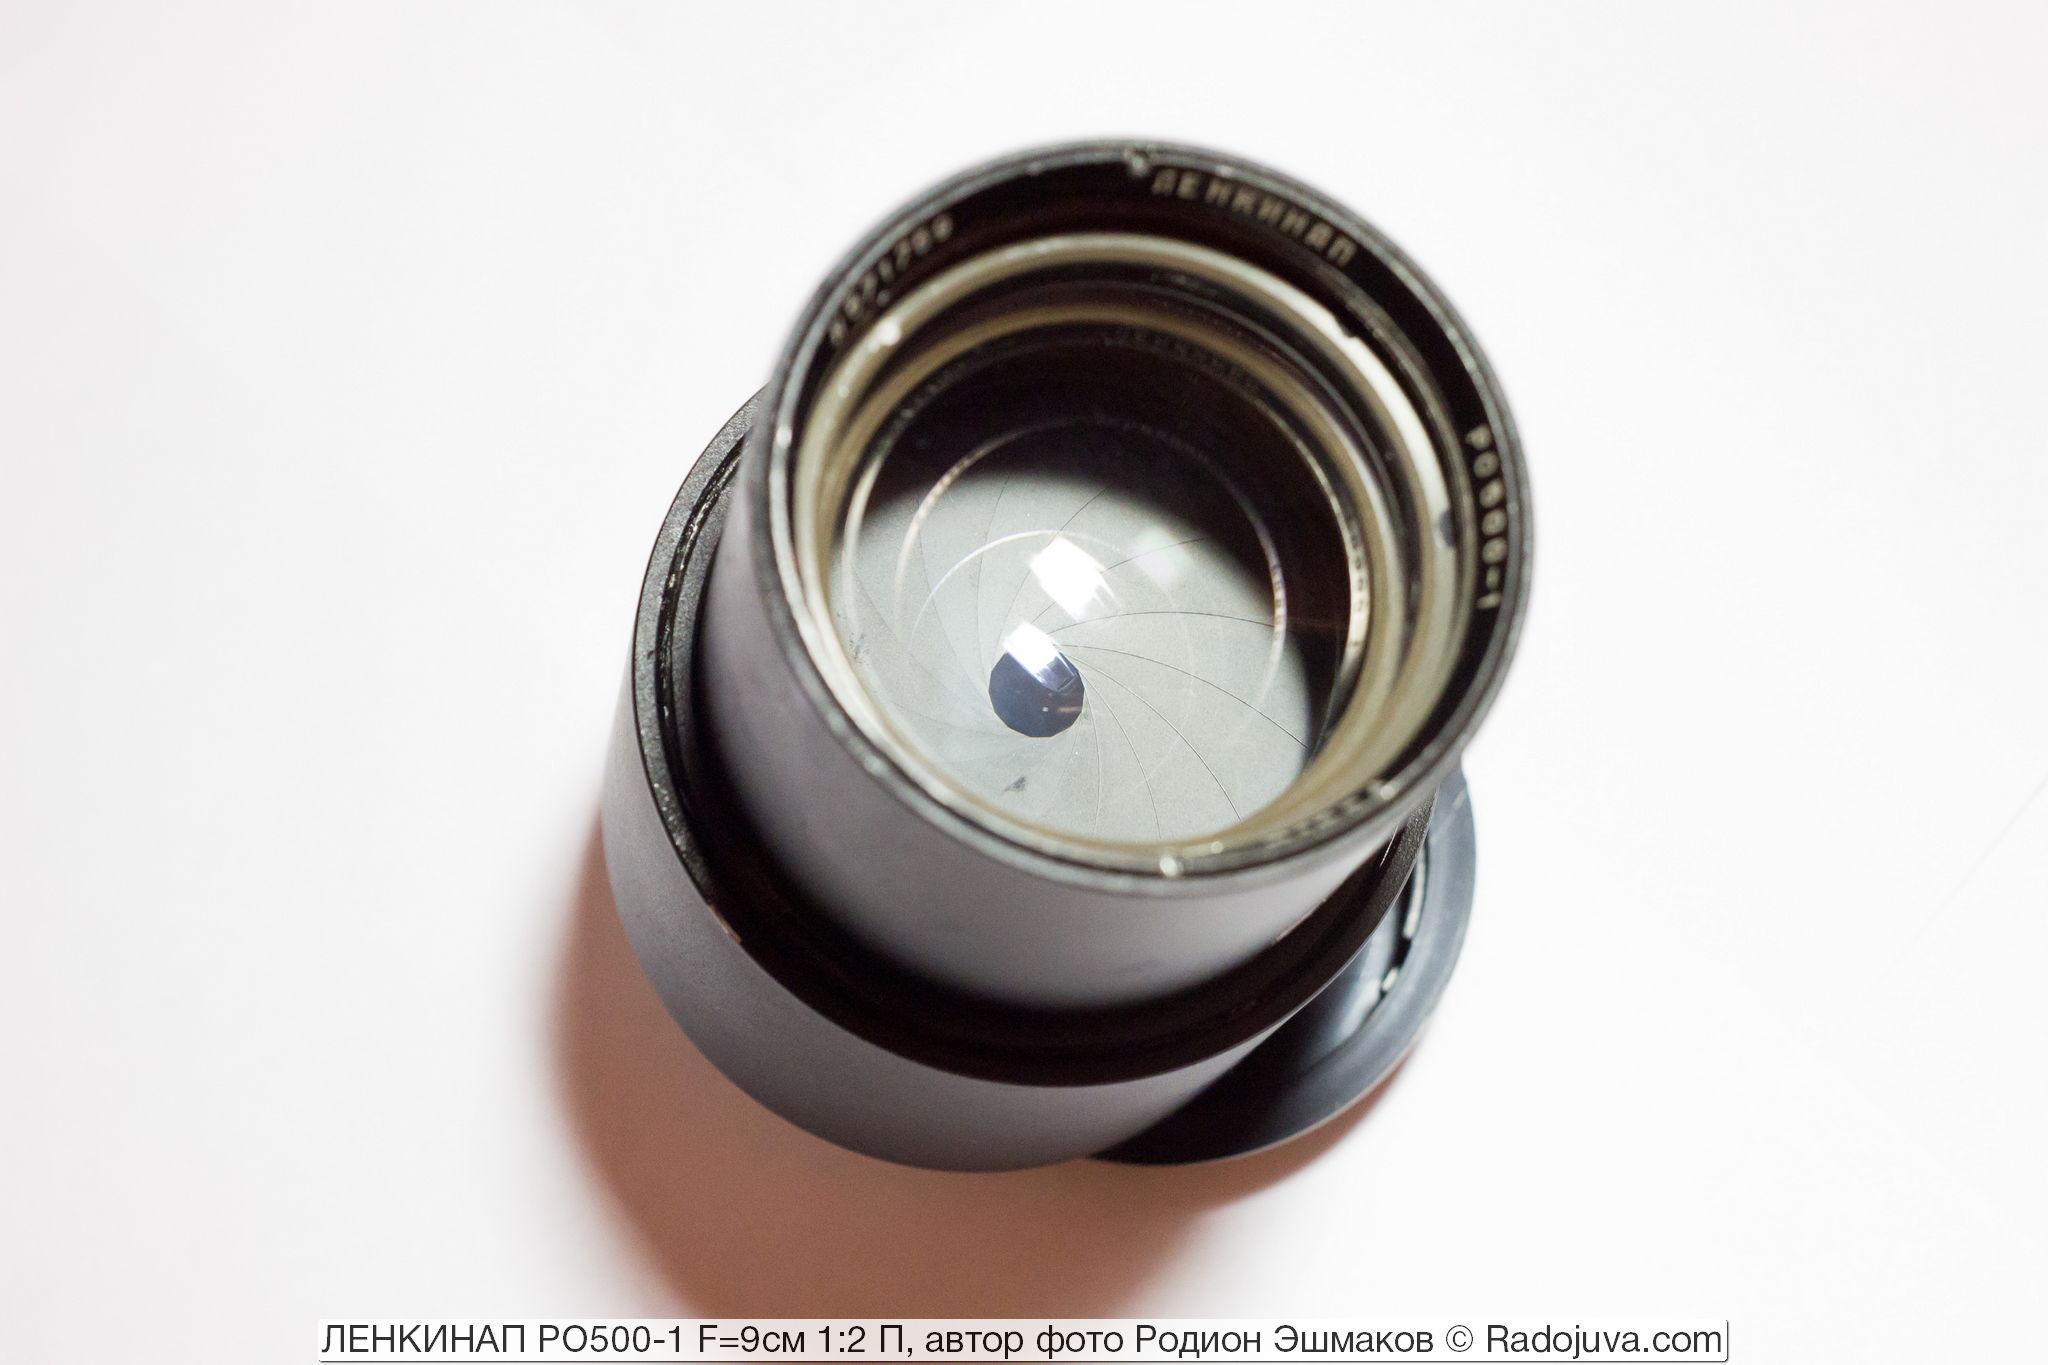 Вид закрытой диафрагмы в готовом объективе